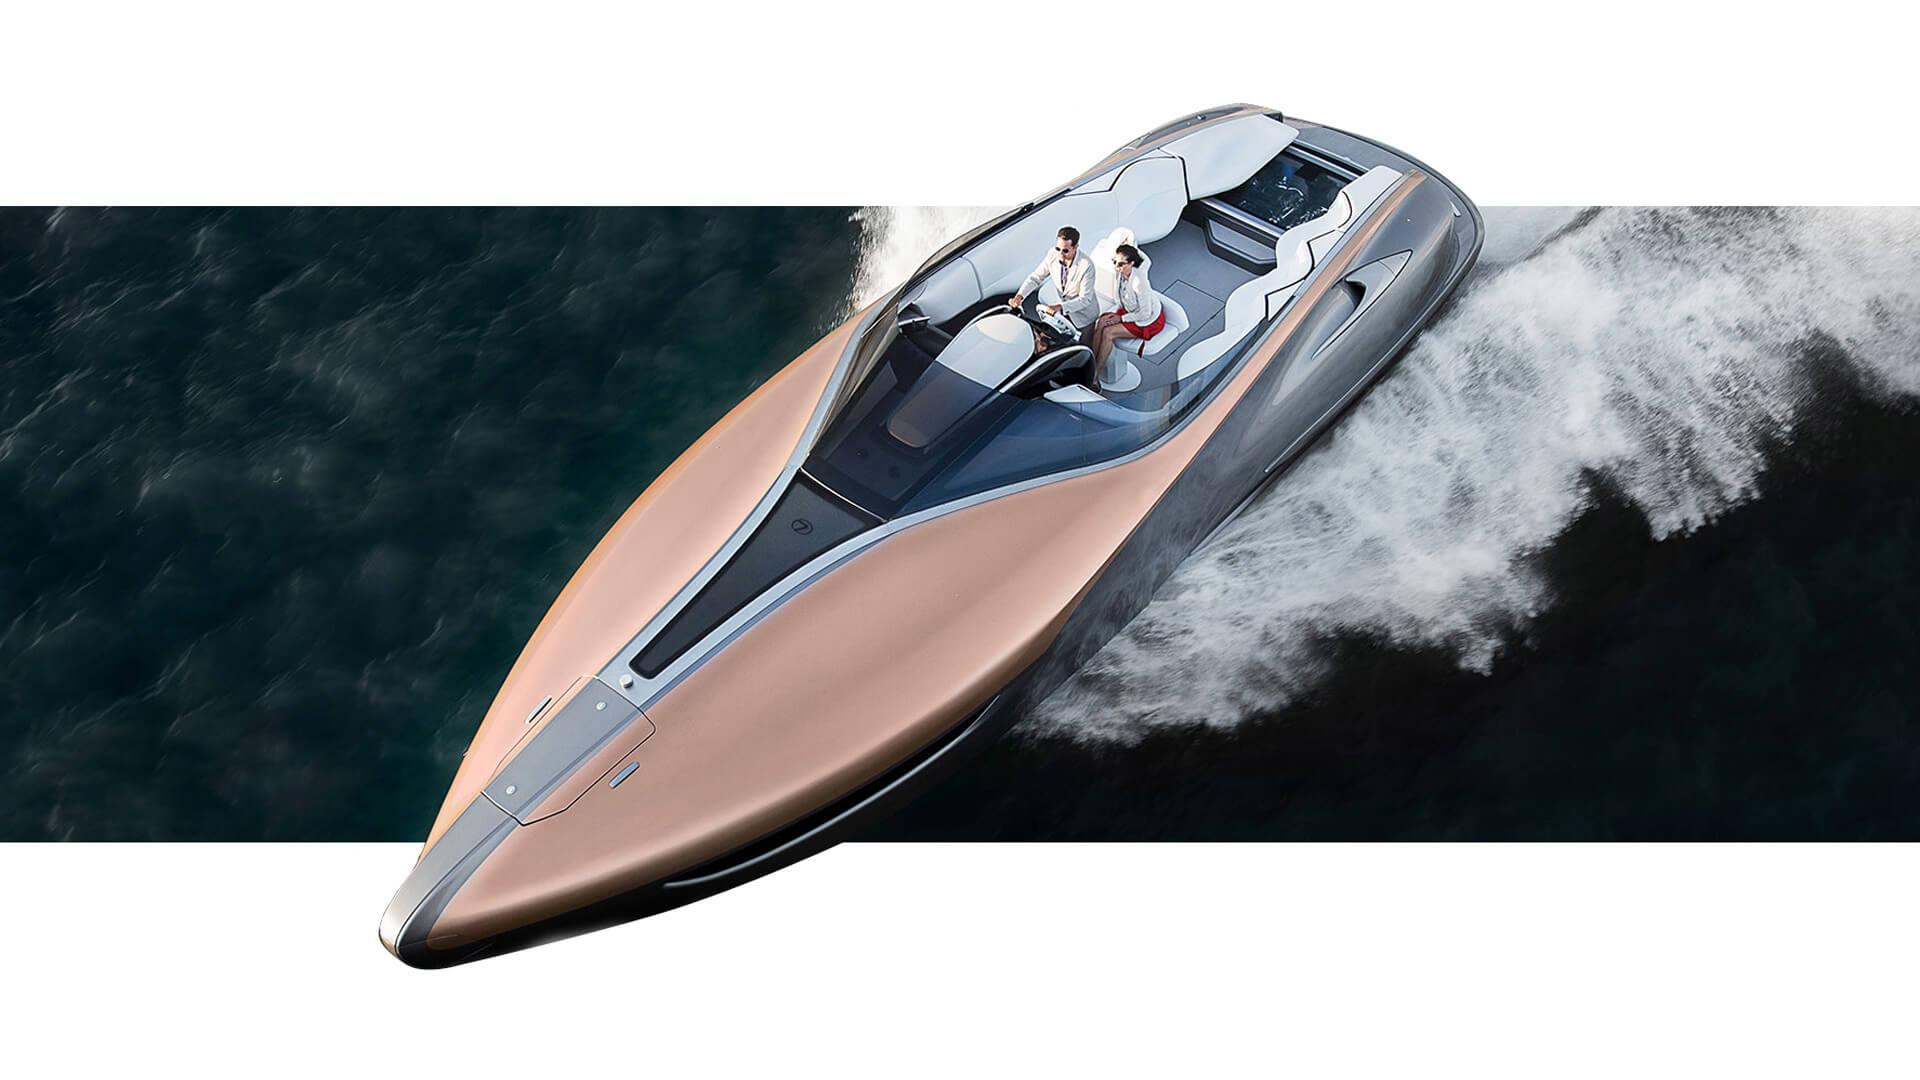 lexus reveals sports yacht concept lexus europe